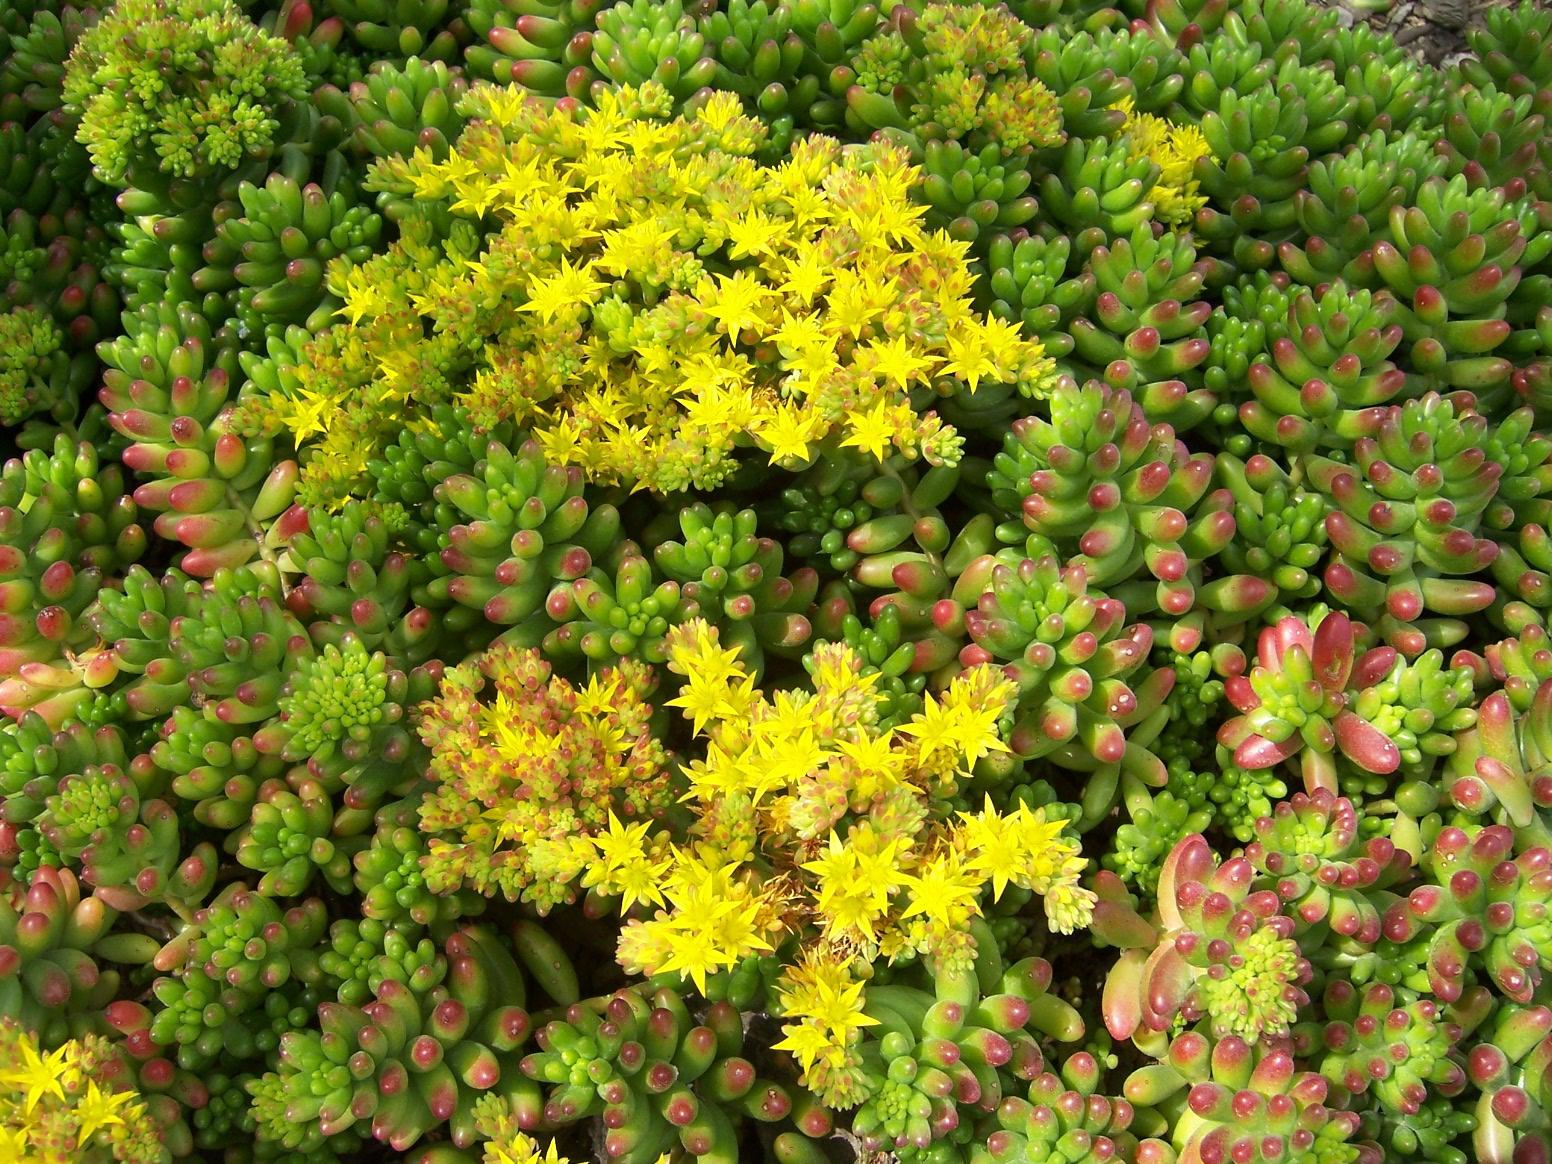 Photo Pork N Beans Sedum Rubrotinctum This Ground Cover Succulent